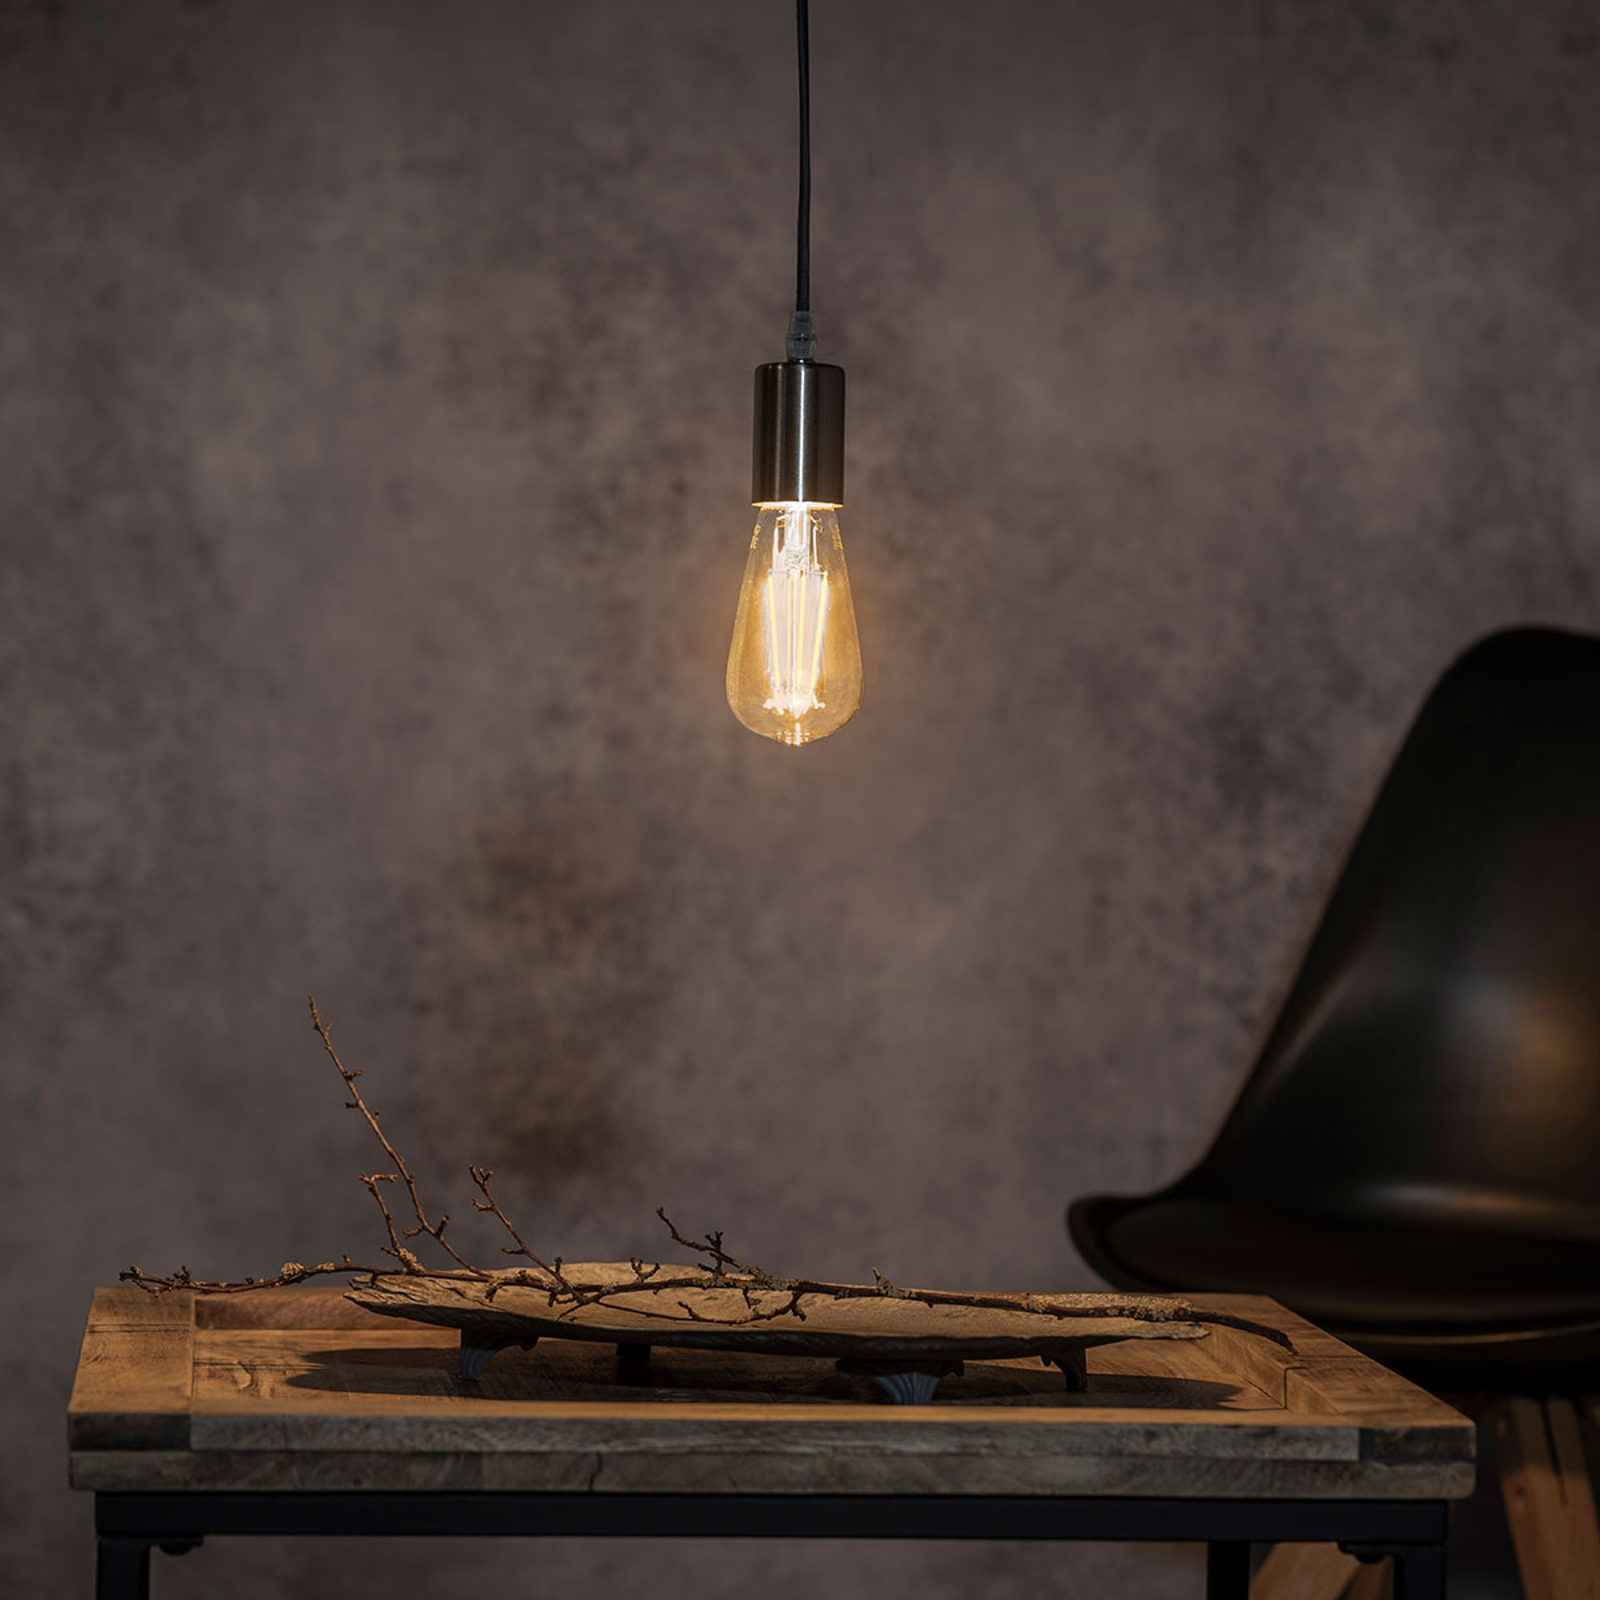 Závěsné svítidlo Haiko, černý kabel